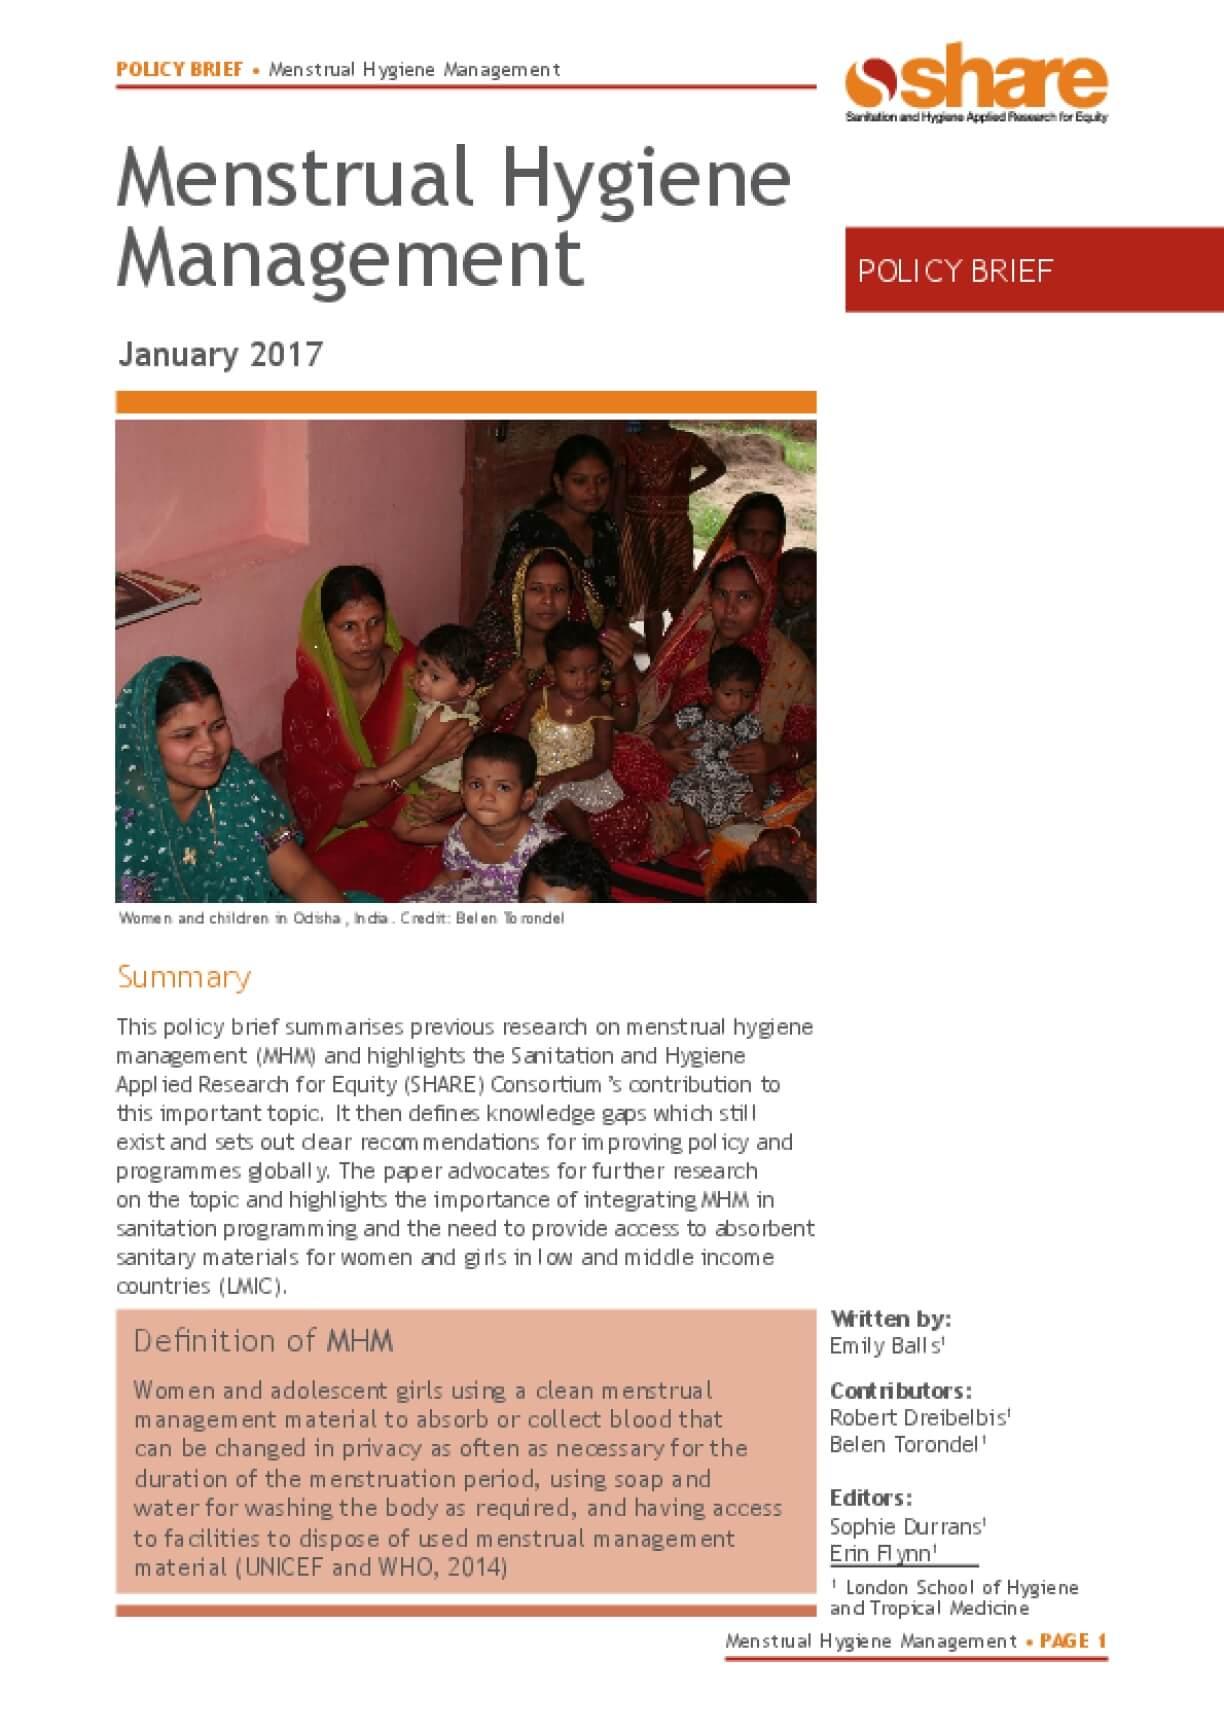 Menstrual Hygiene Management Policy Brief